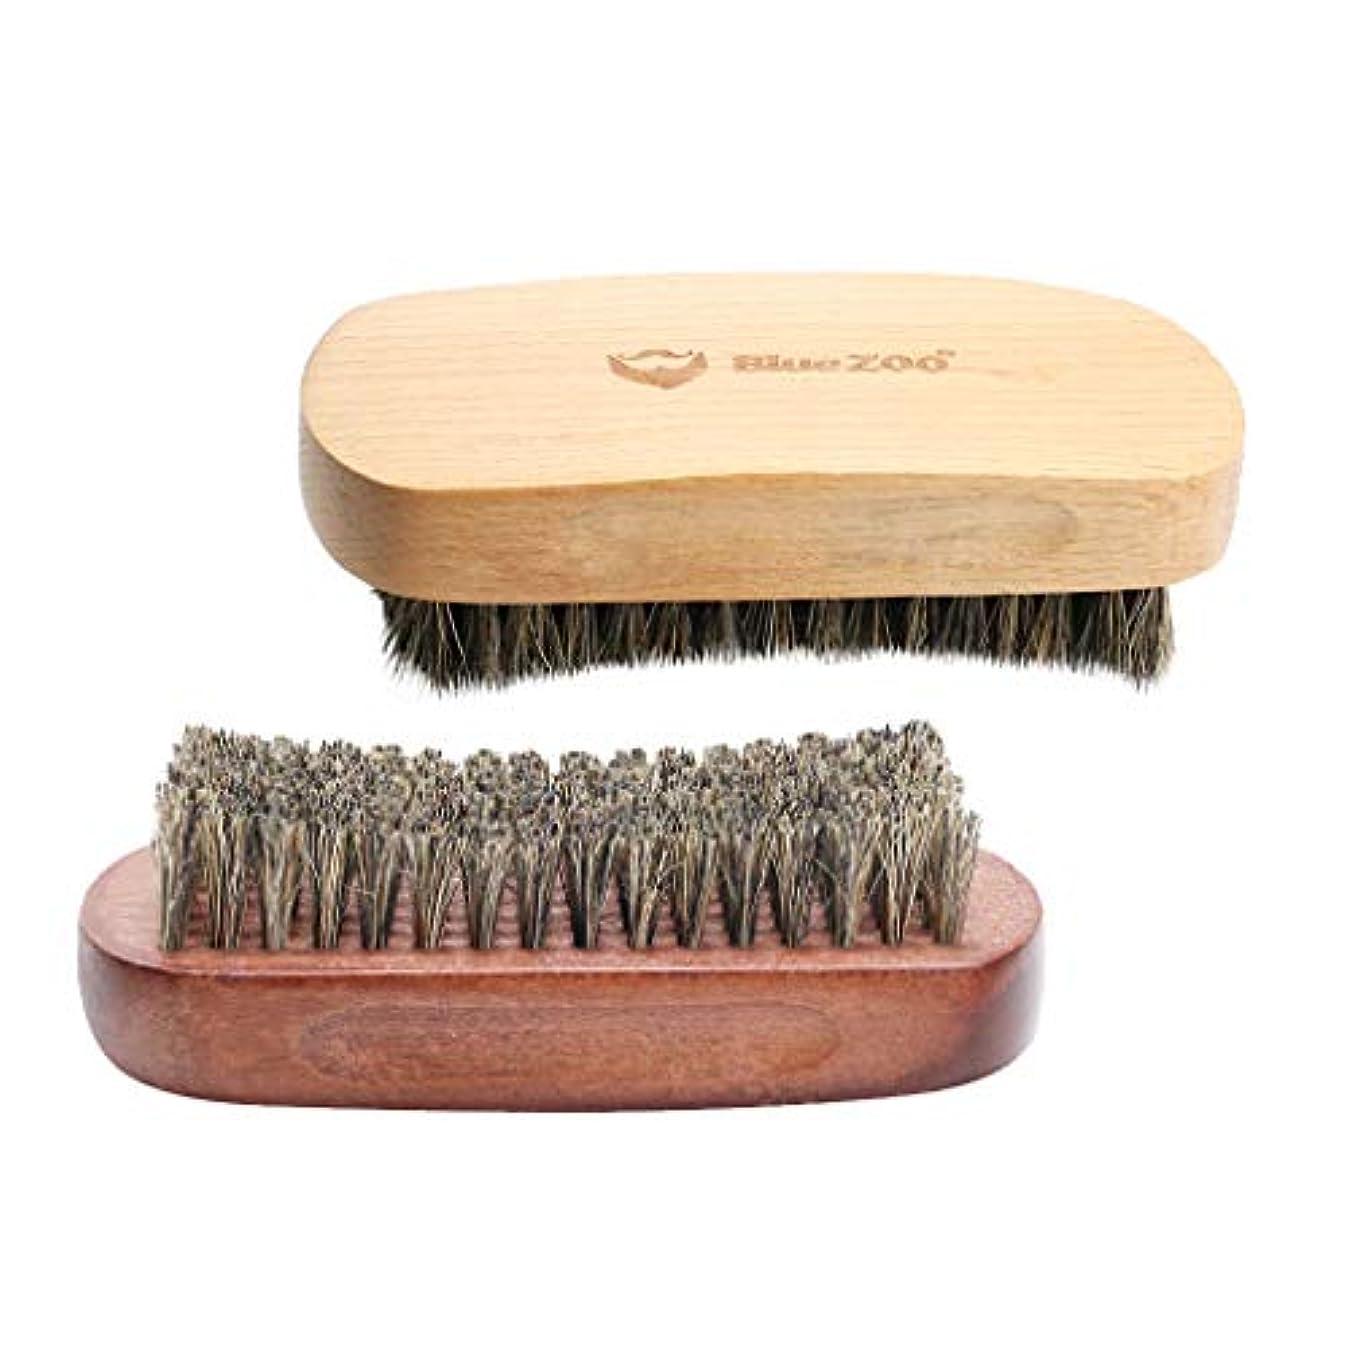 予想する美的ブラウンchiwanji シェービング用ブラシ 髭剃りブラシ メンズ グルーミングブラシ ひげ剃り 長い髭 ひげ 整理